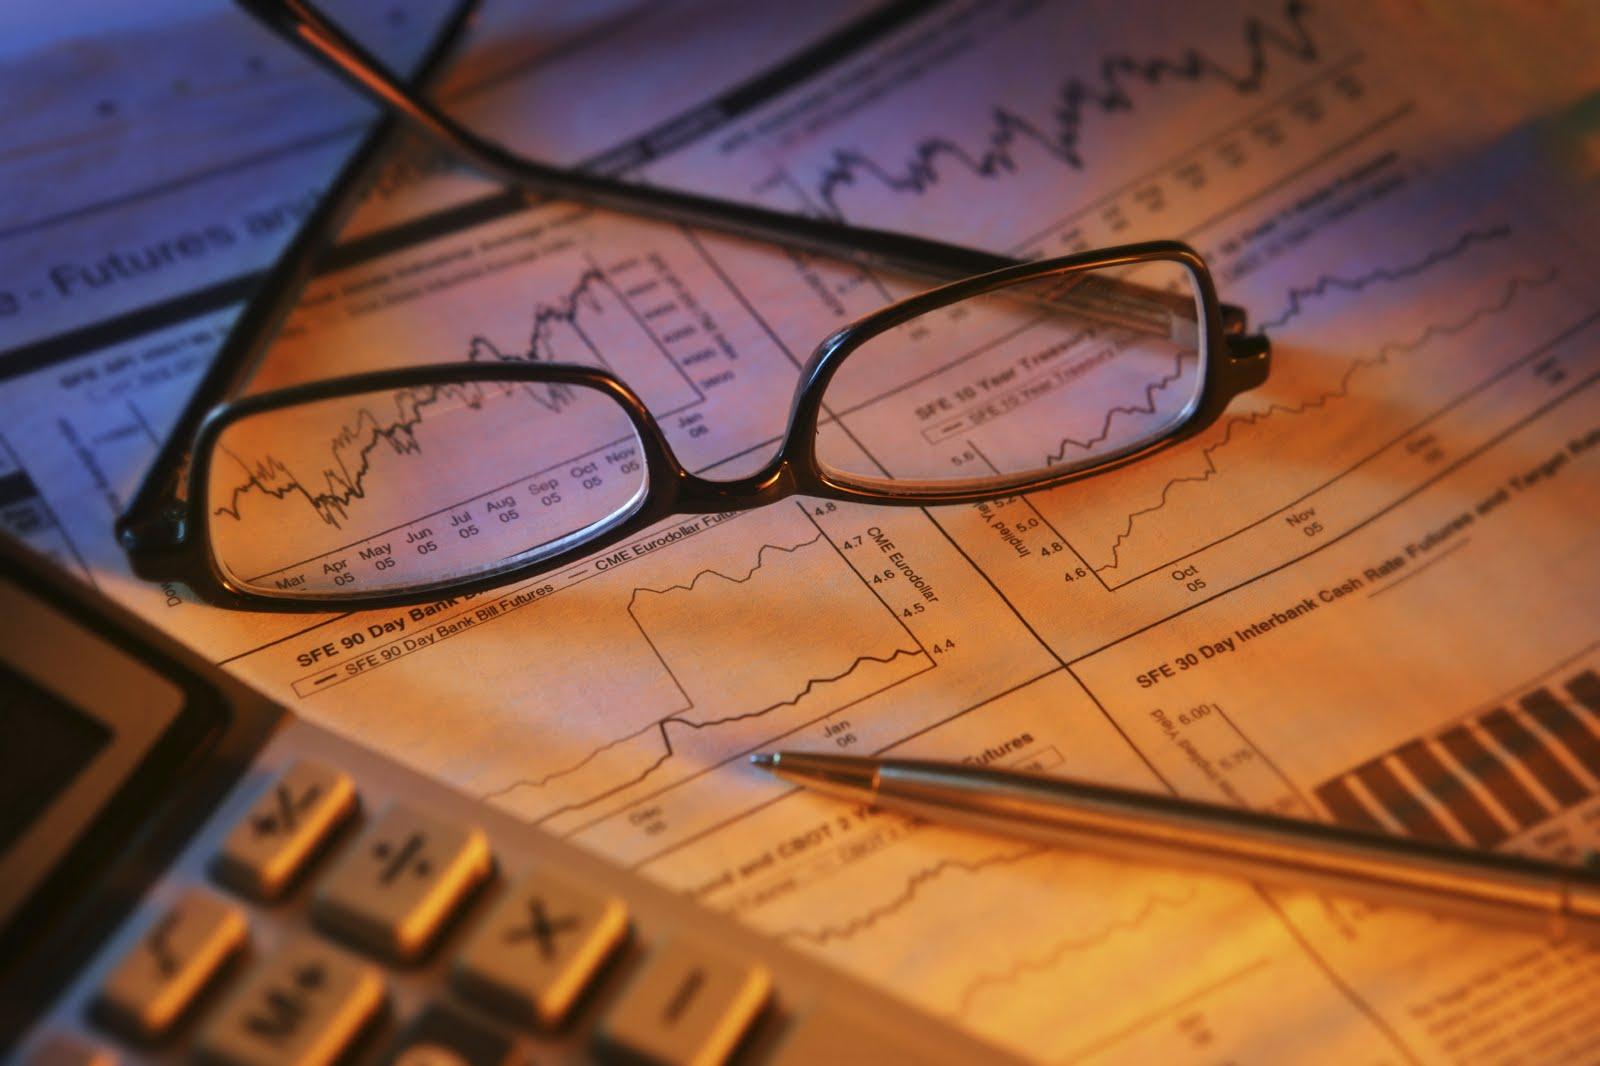 مشاوره و انجام پایان نامه کارشناسی ارشد و رساله دکتری حسابداری | حسابرسی | حسابداری مدیریت